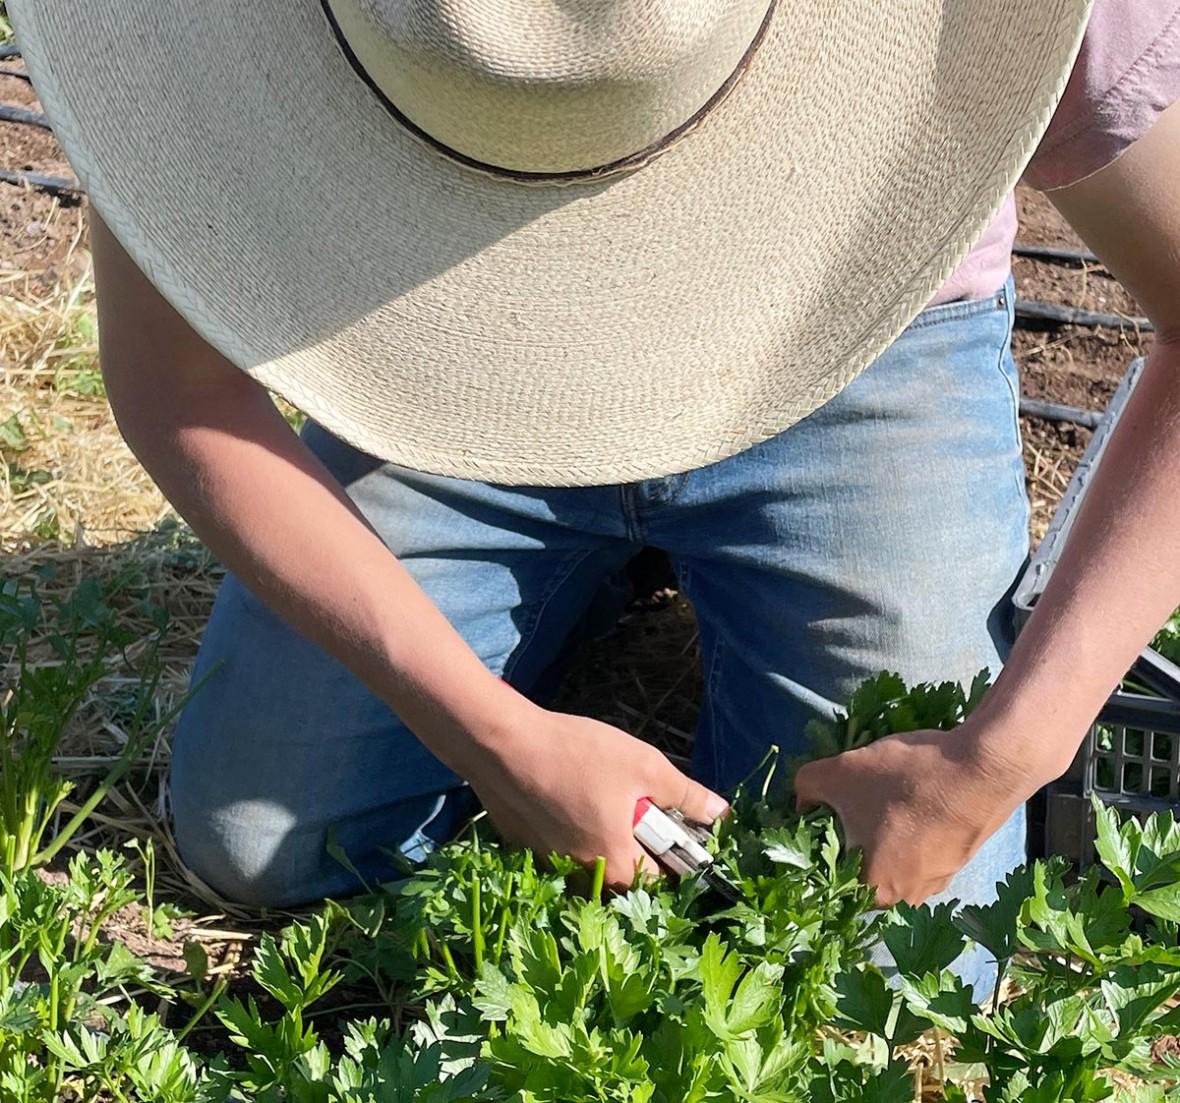 farmer cutting herbs